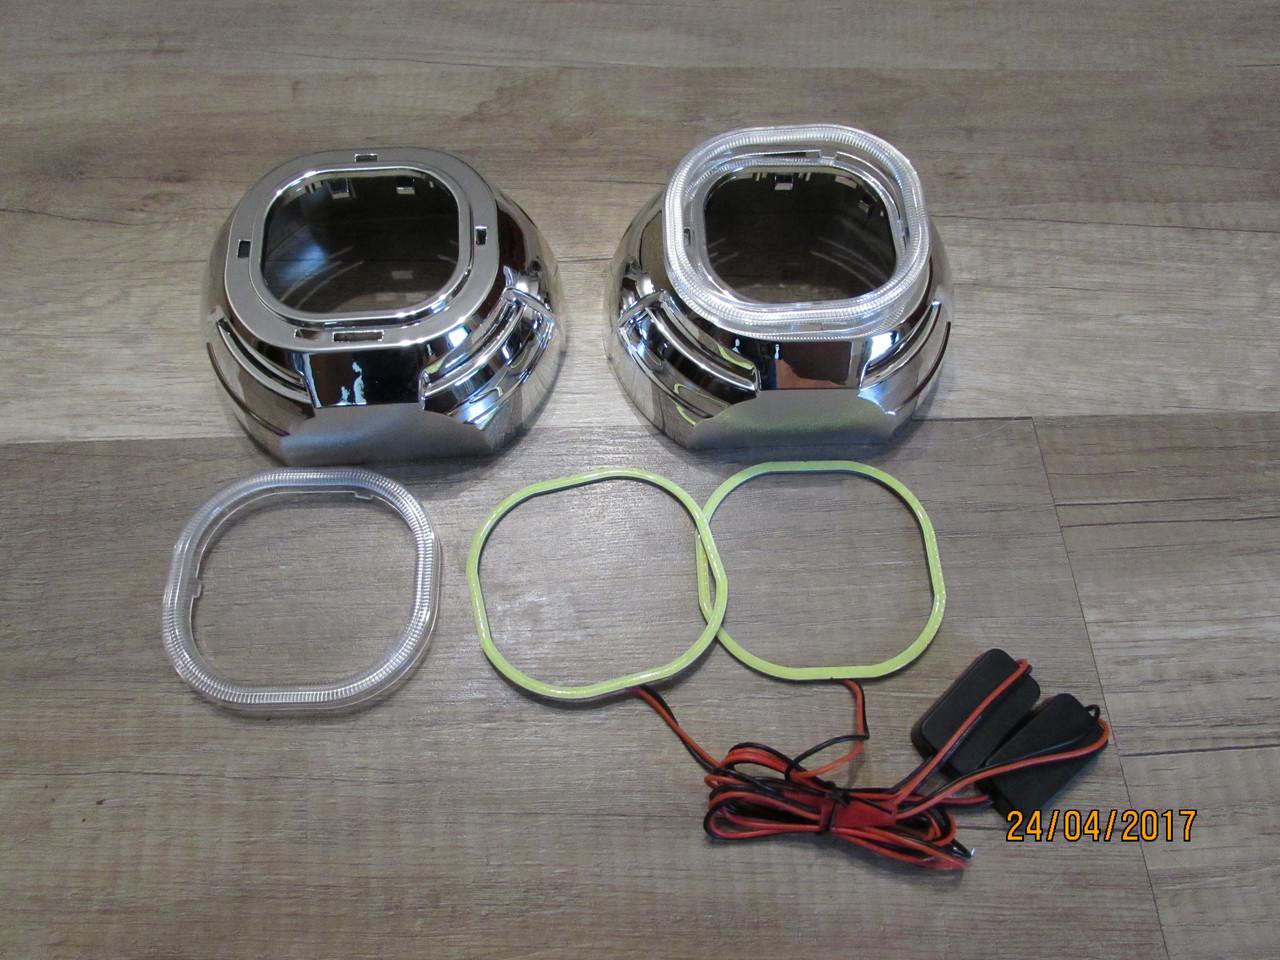 Маски для квадратных линз G6 SQR / Koito Q5 SQR - Ky с глазами COB